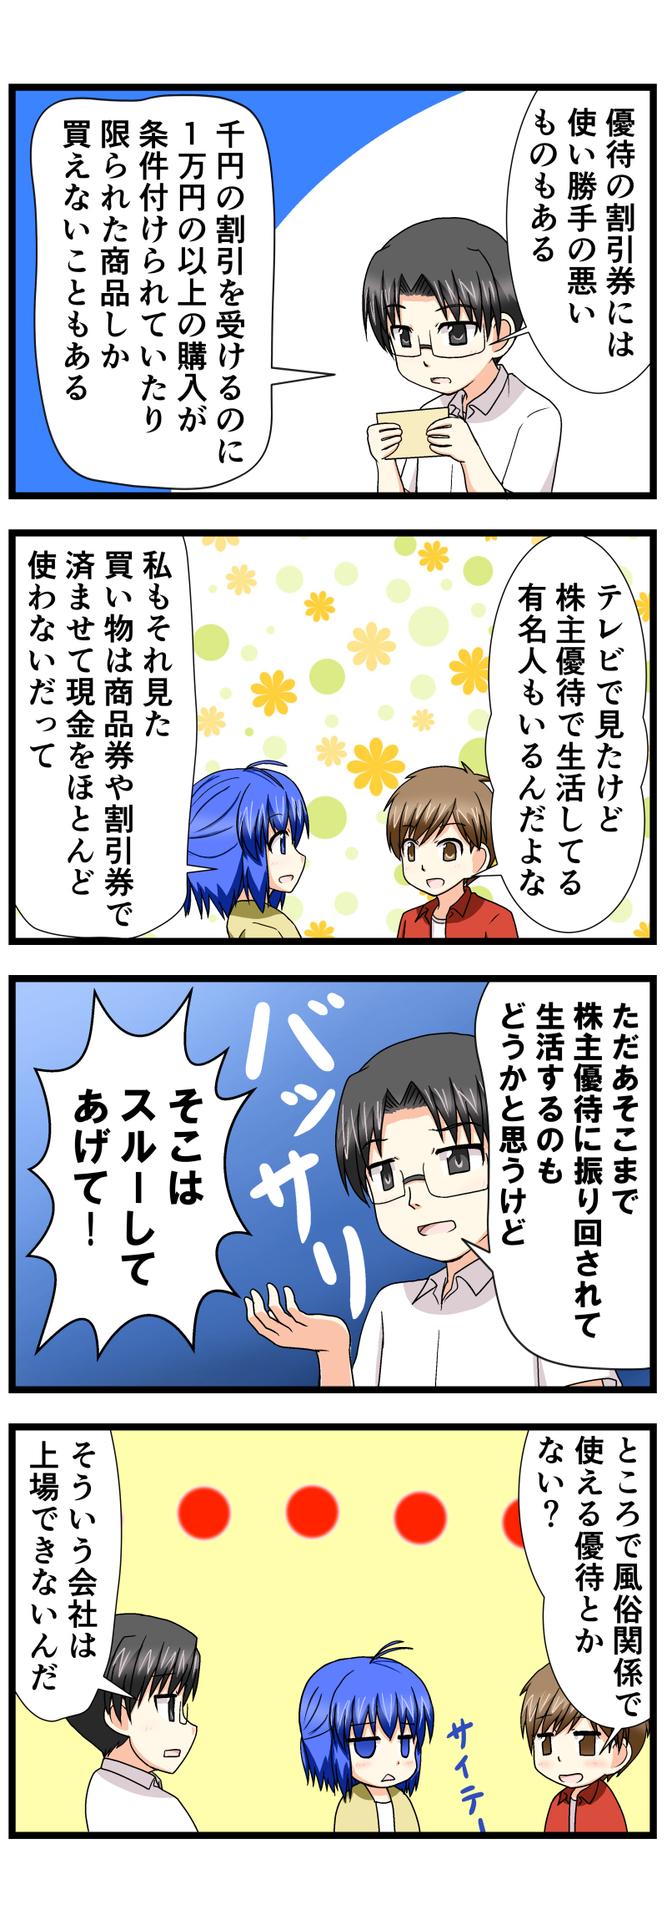 萌える株セミナー8.jpg